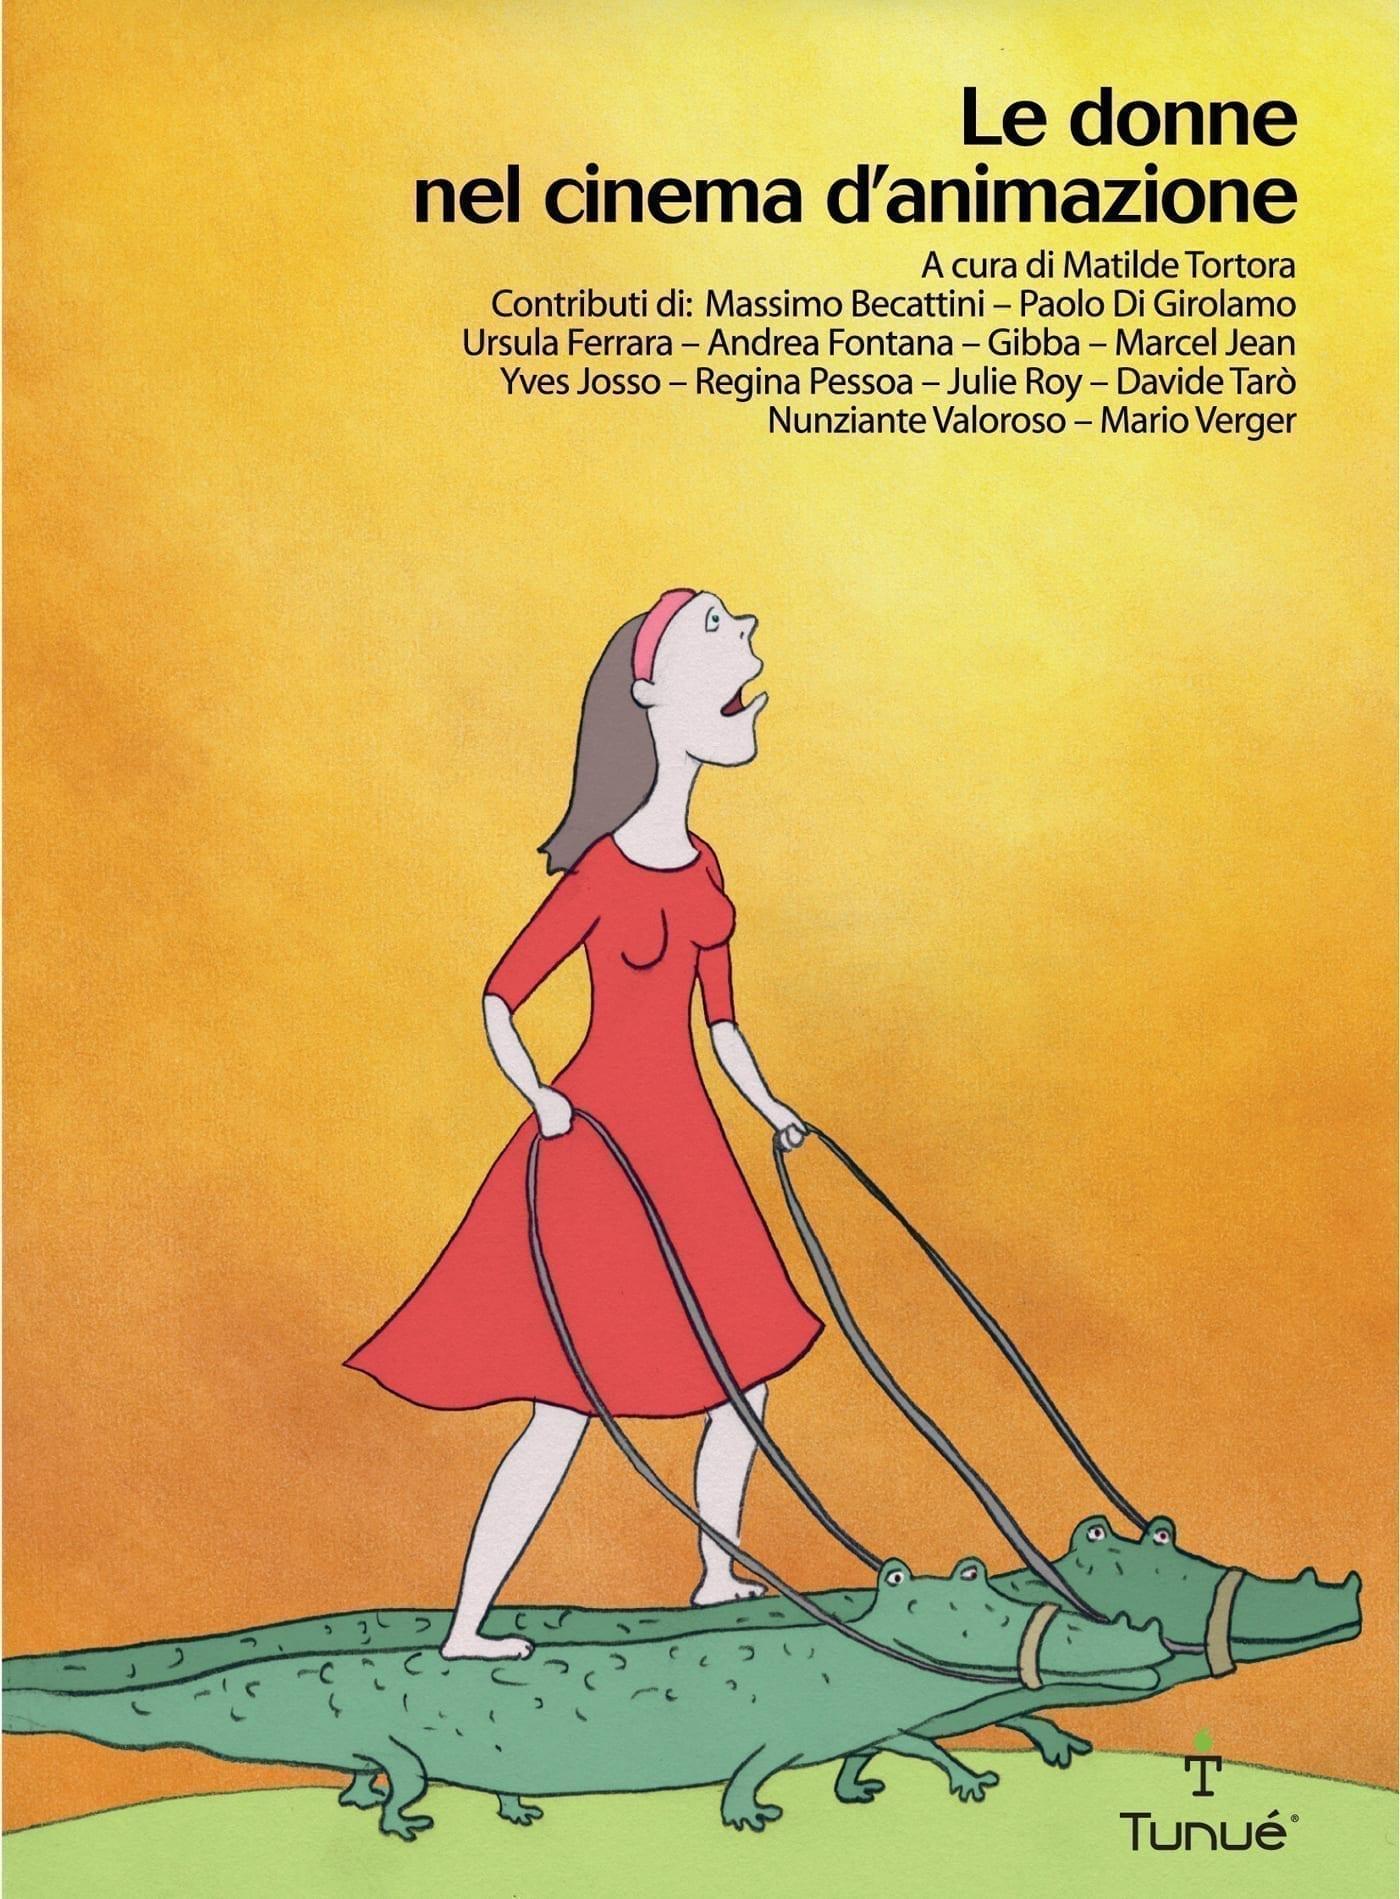 le_donne_nel_cinema_d'animazione_cover1